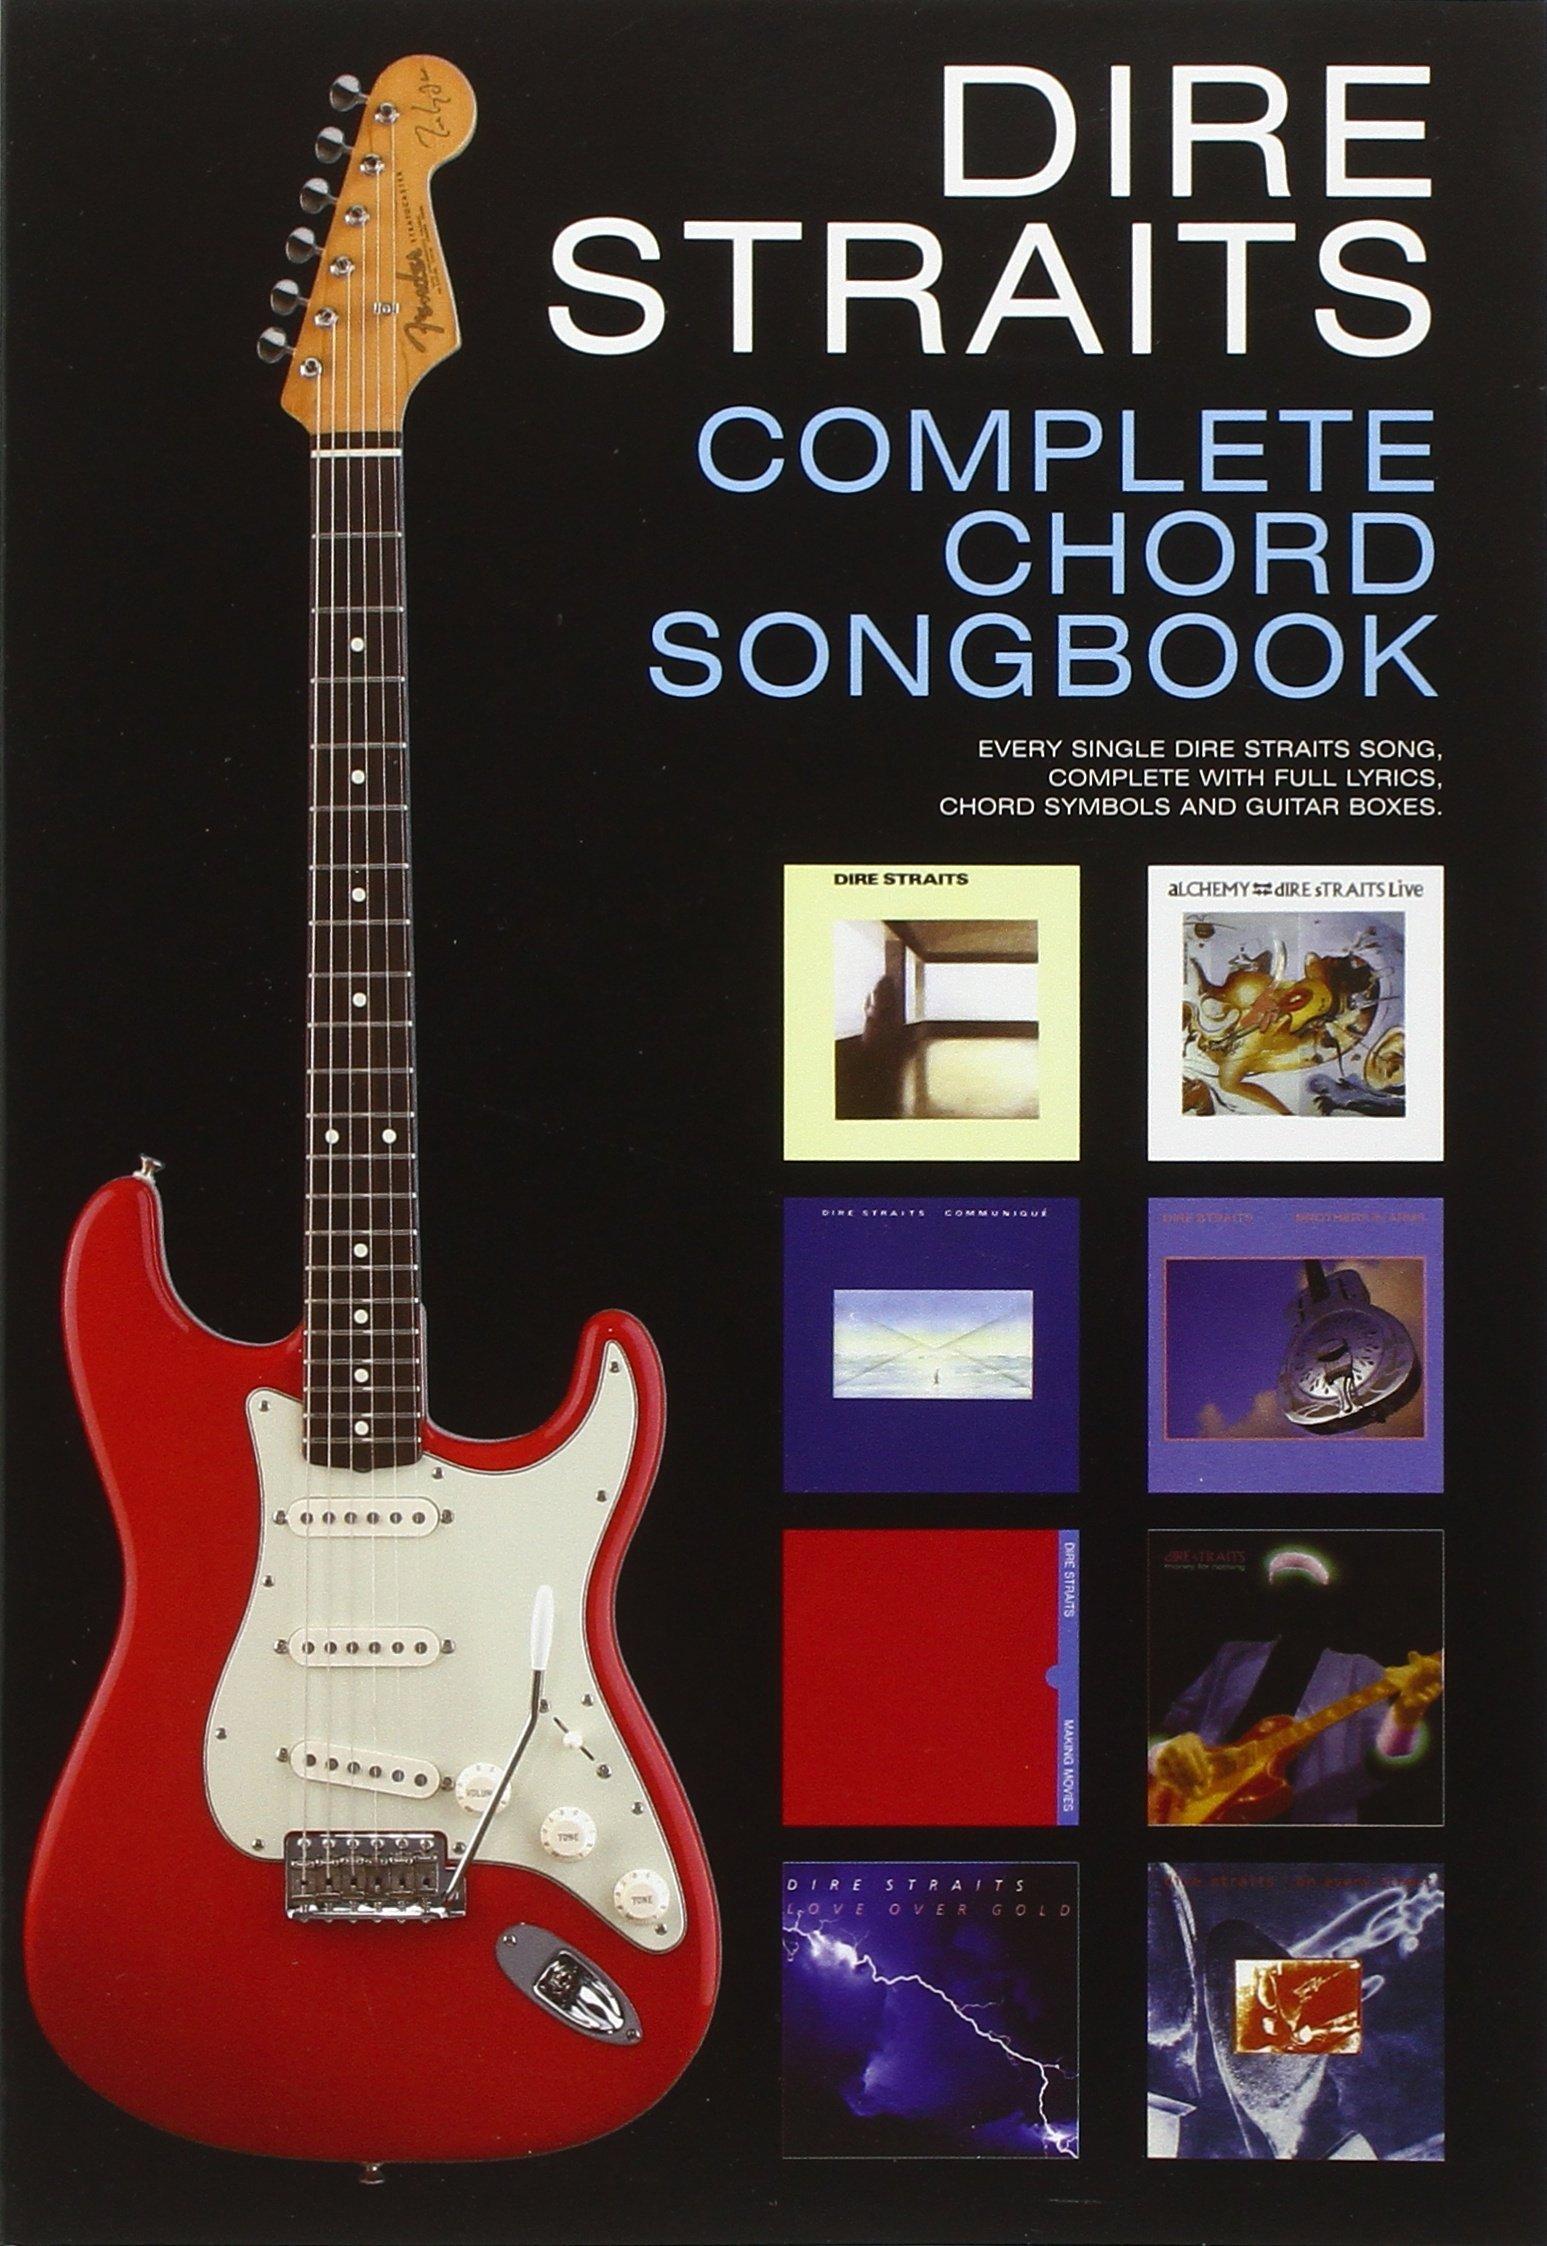 Dire Straits Complete Chord Songbook: Amazon.es: Dire Straits: Libros en idiomas extranjeros